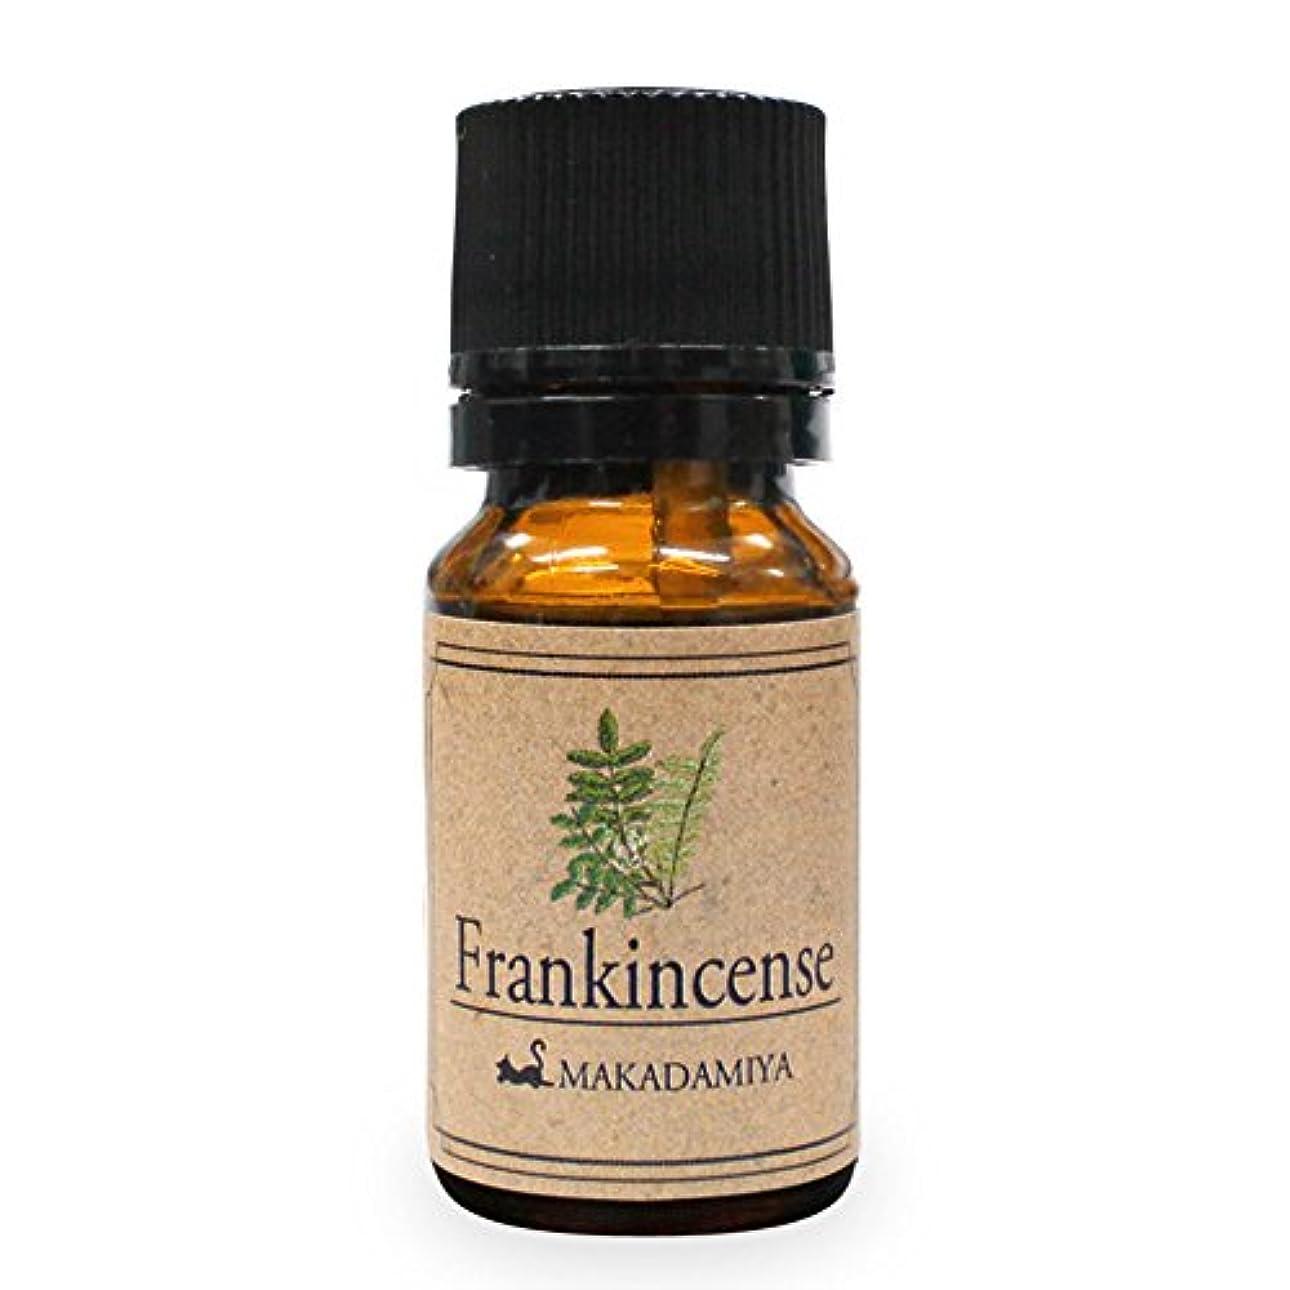 レギュラービーズ永続フランキンセンス10ml 天然100%植物性 エッセンシャルオイル(精油) アロマオイル アロママッサージ aroma Frankincense